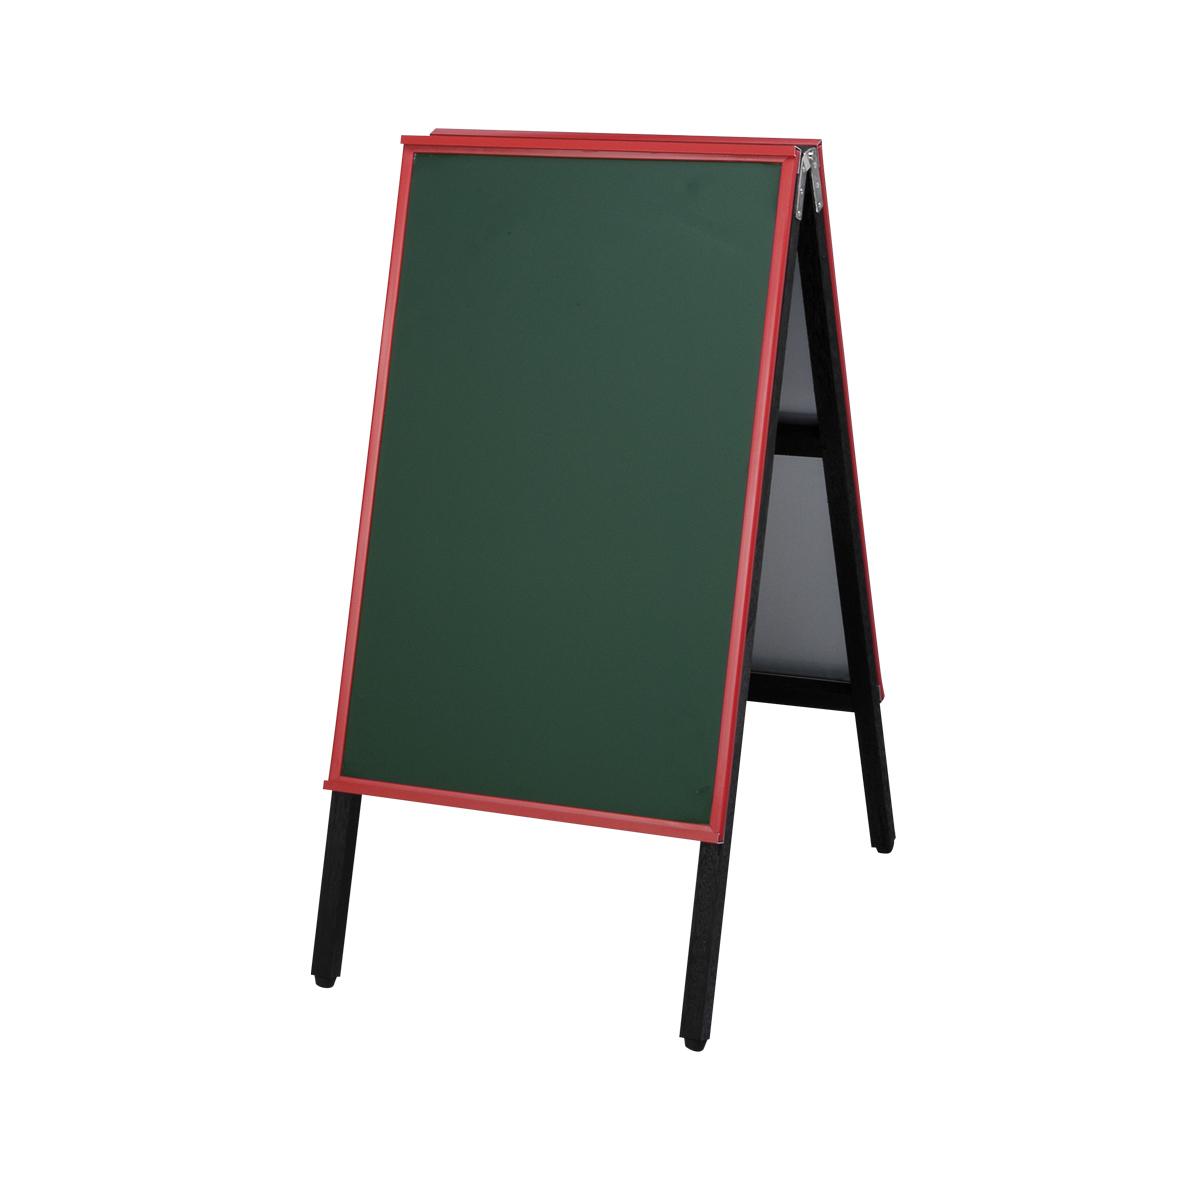 アカエ チョーク用 グリーン AKAE-906CG 看板 黒板 店舗用